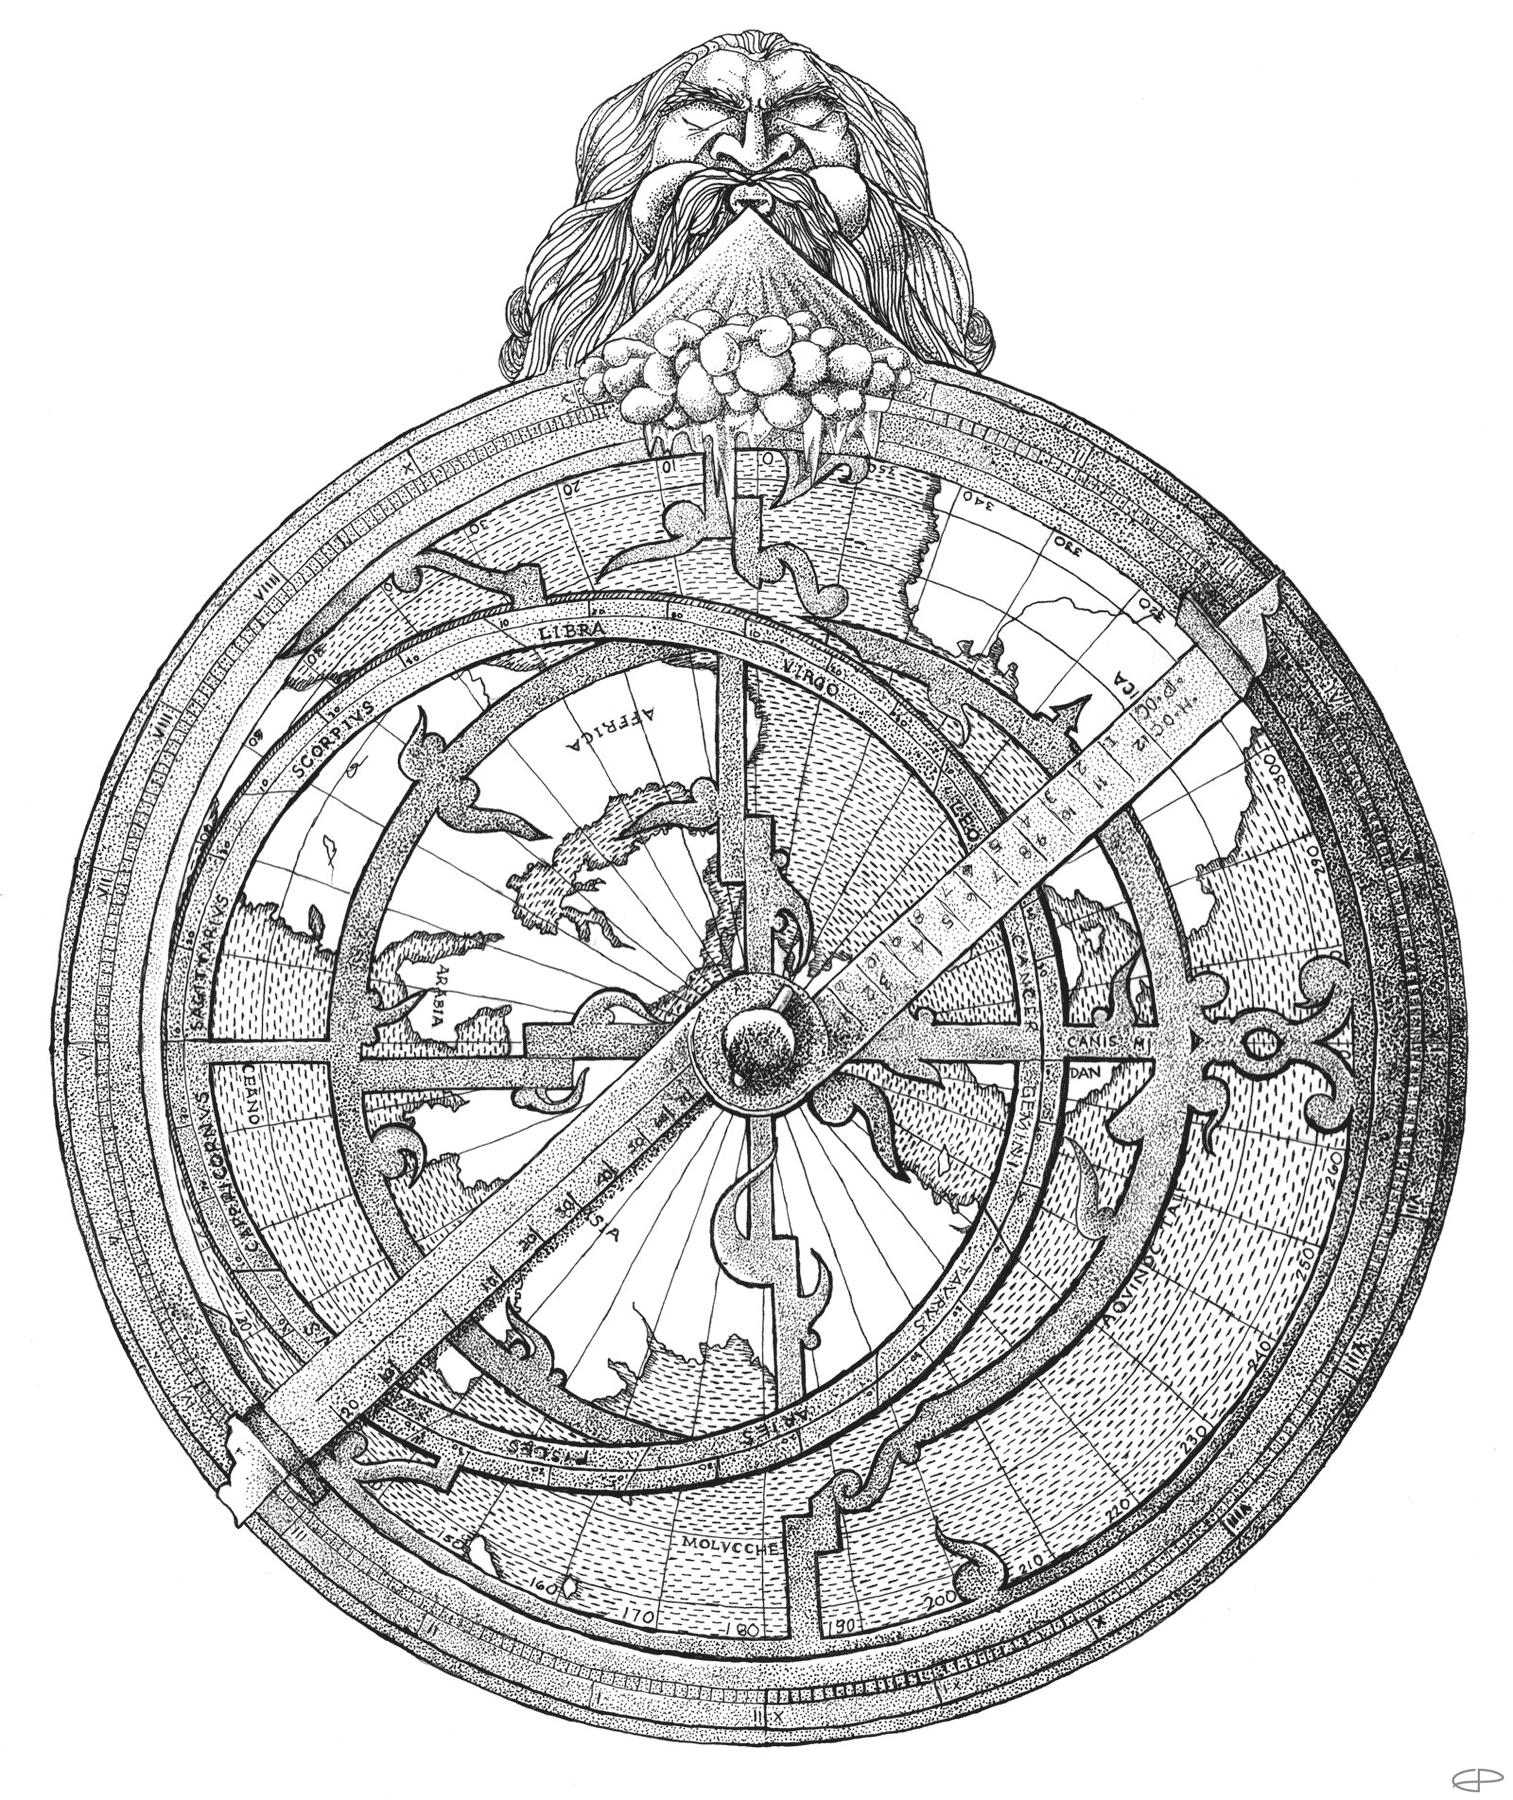 Eric Pedersen: Astrolabe - Monica Maye